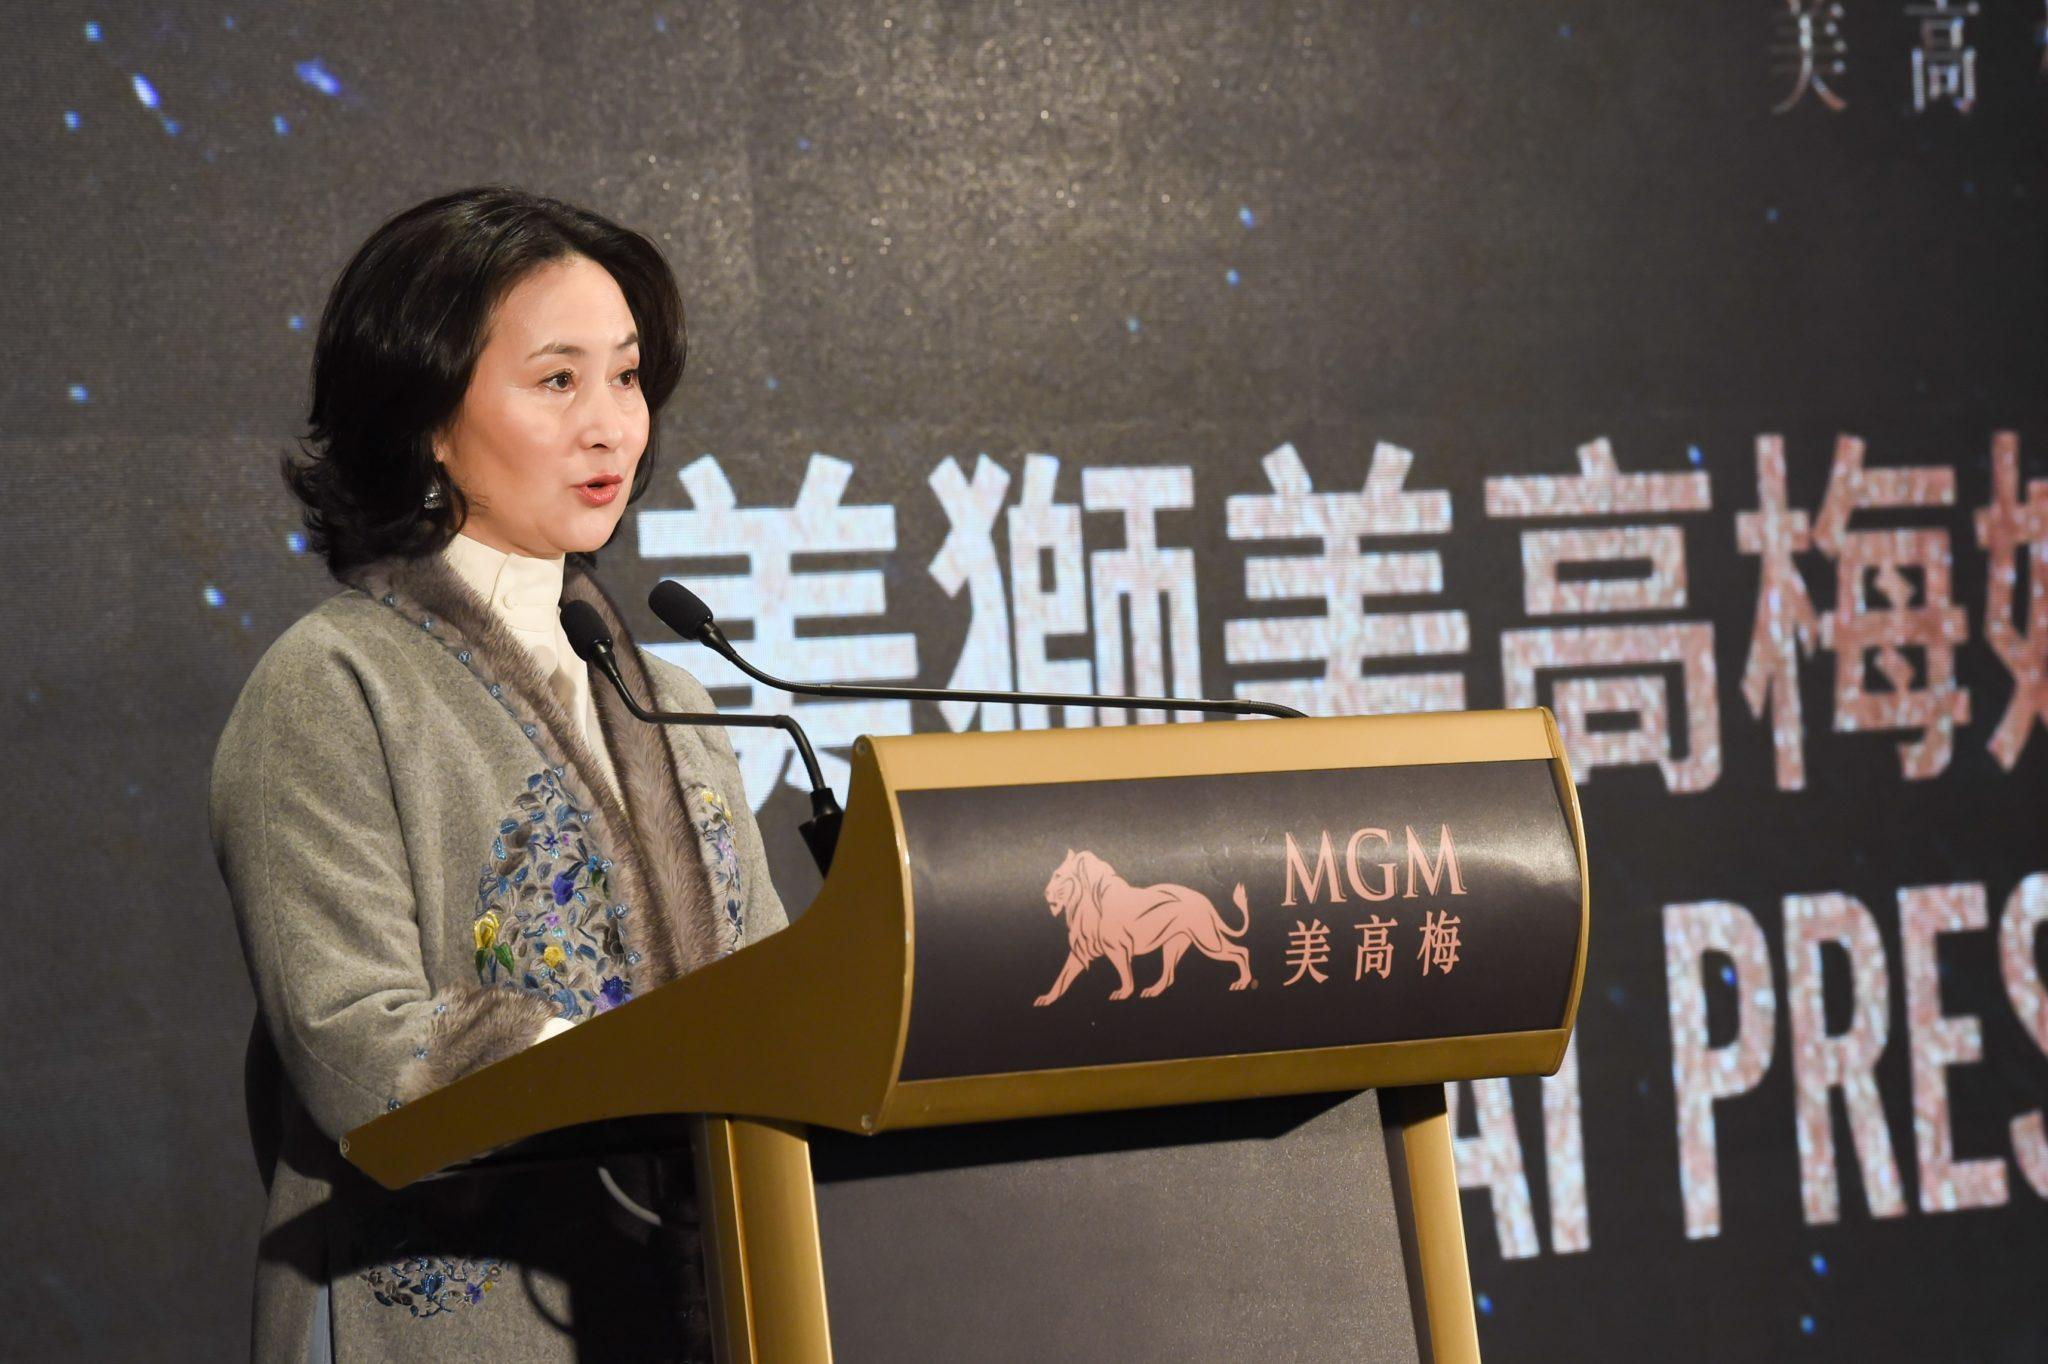 Pansy Ho alia-se a Fundação Fok para controlar STDM, ameaçando Angela Leong